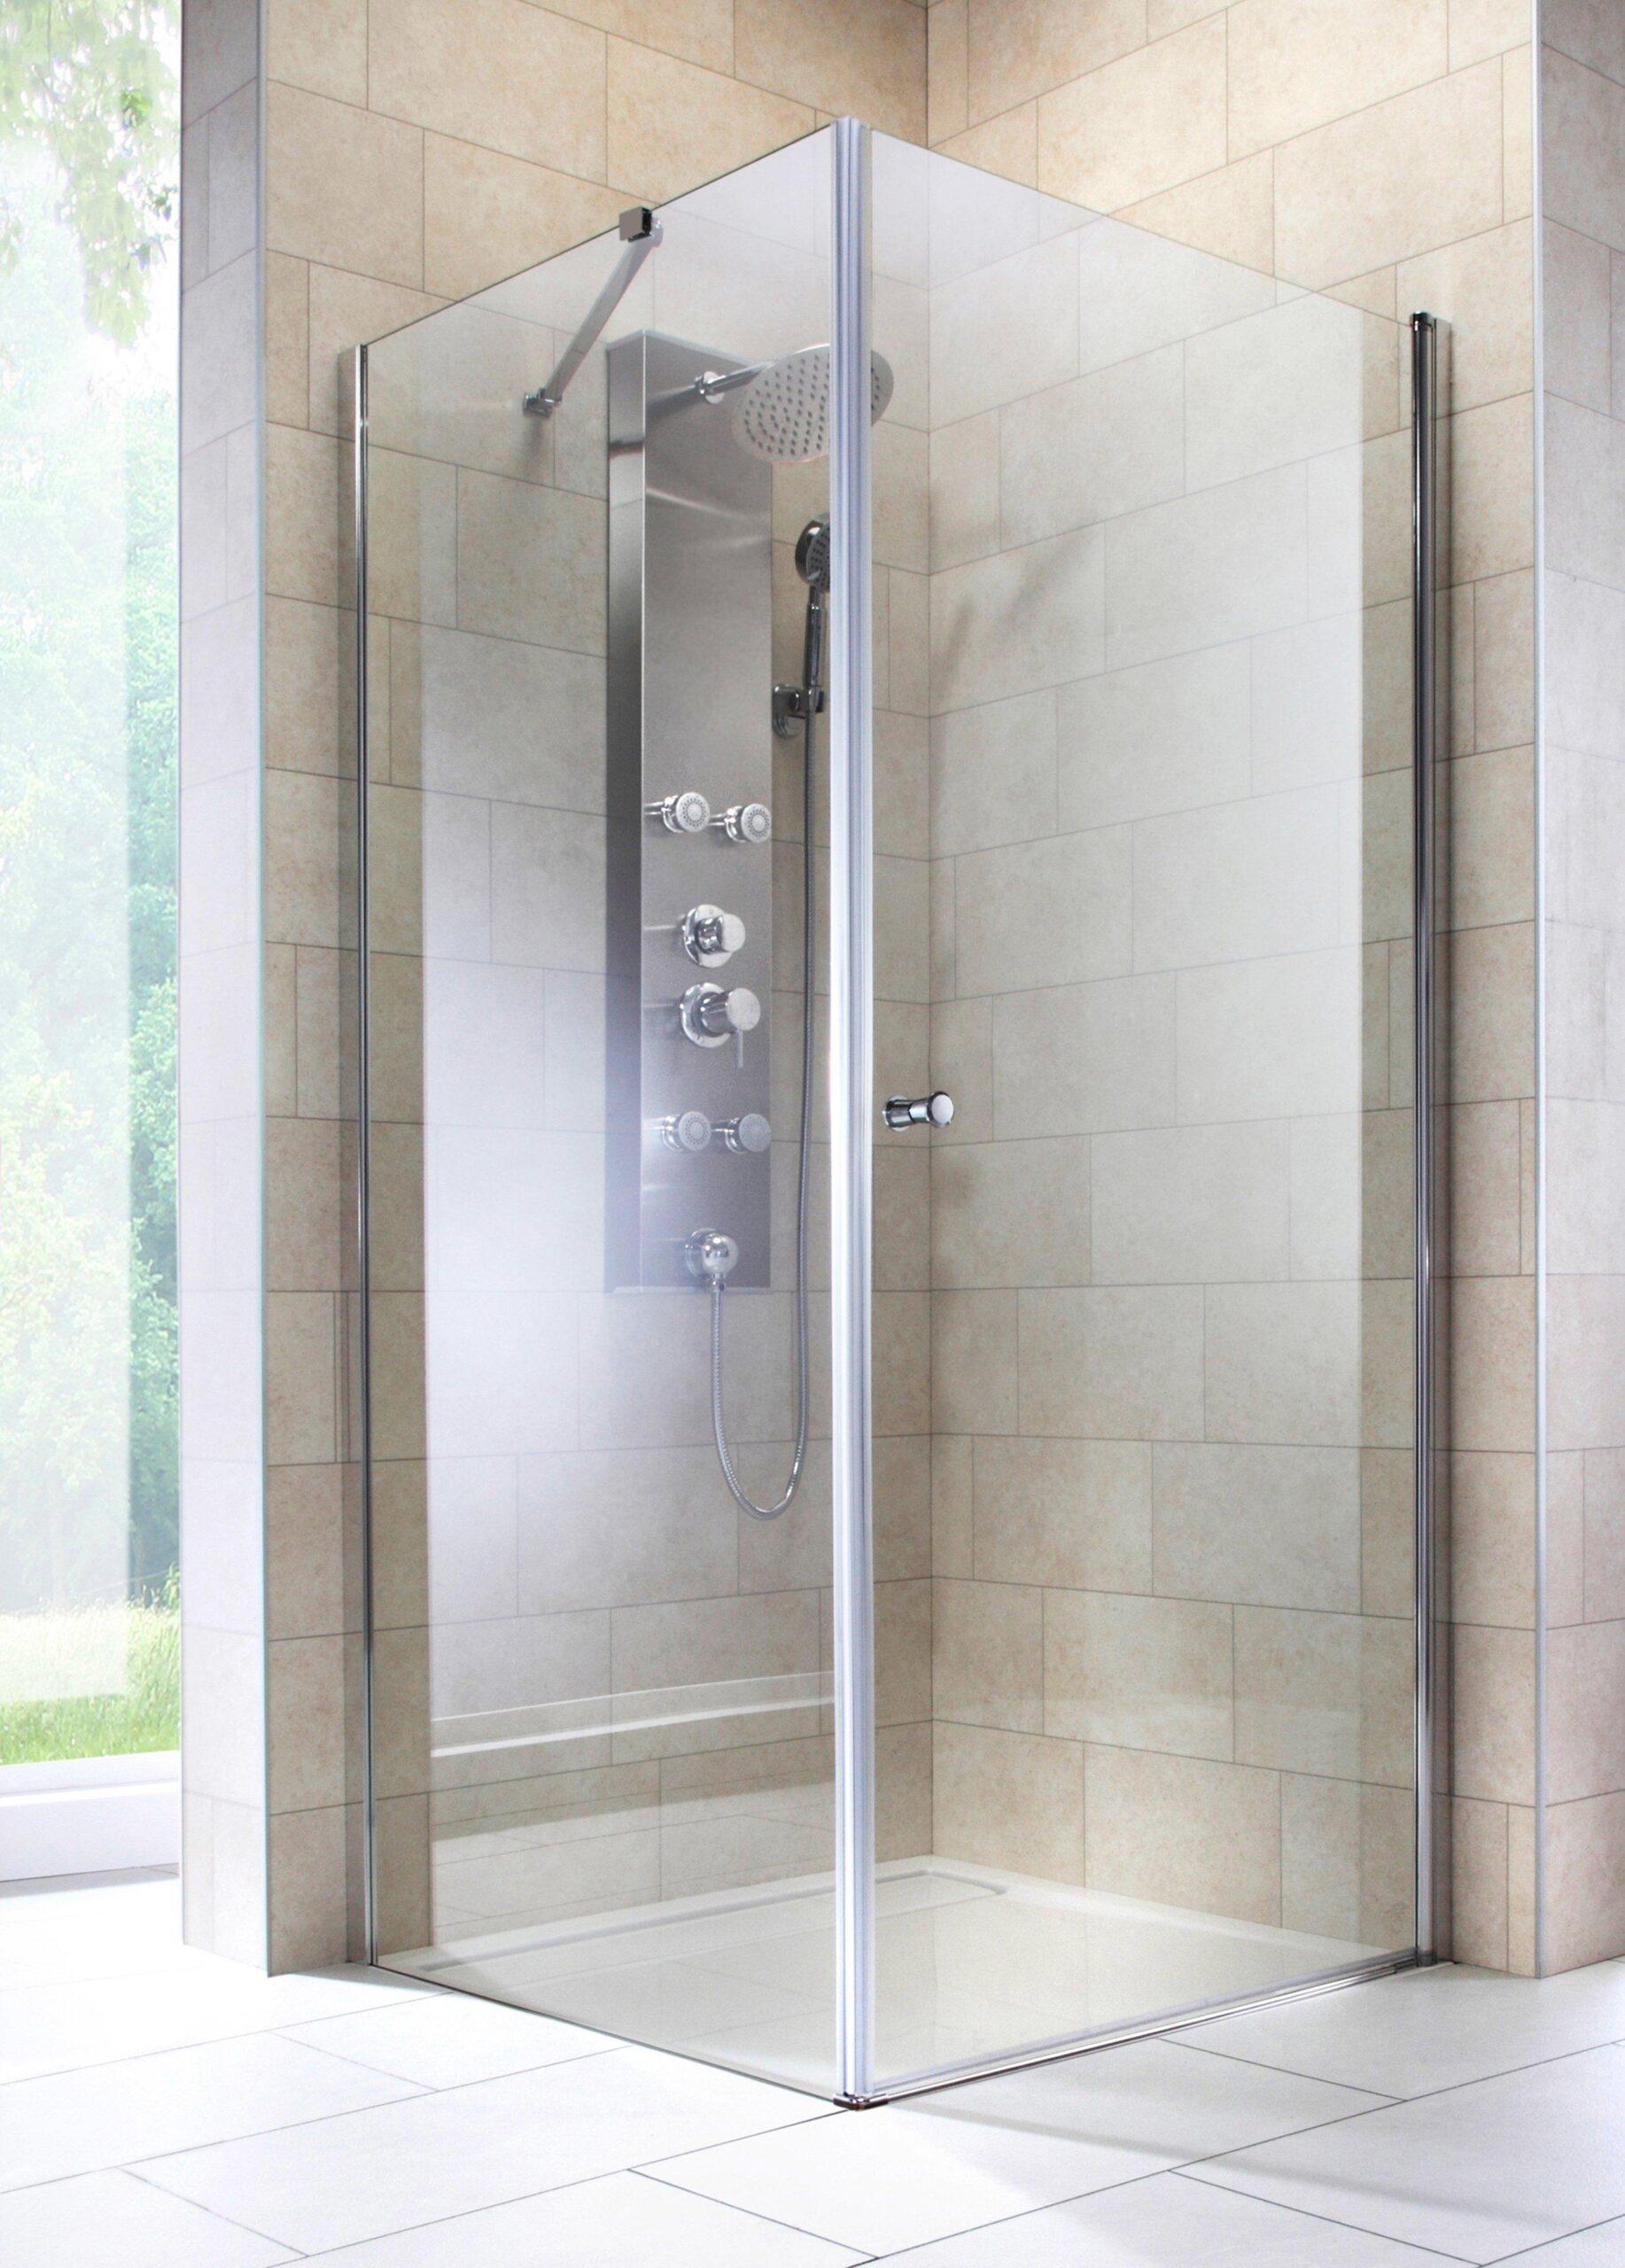 Full Size of Eckeinstieg Dusche Eckdusche Florenz Nischentür Anal Glastür Badewanne Grohe Siphon Bluetooth Lautsprecher Duschen Kaufen Bodengleiche Glaswand Pendeltür Dusche Eckeinstieg Dusche